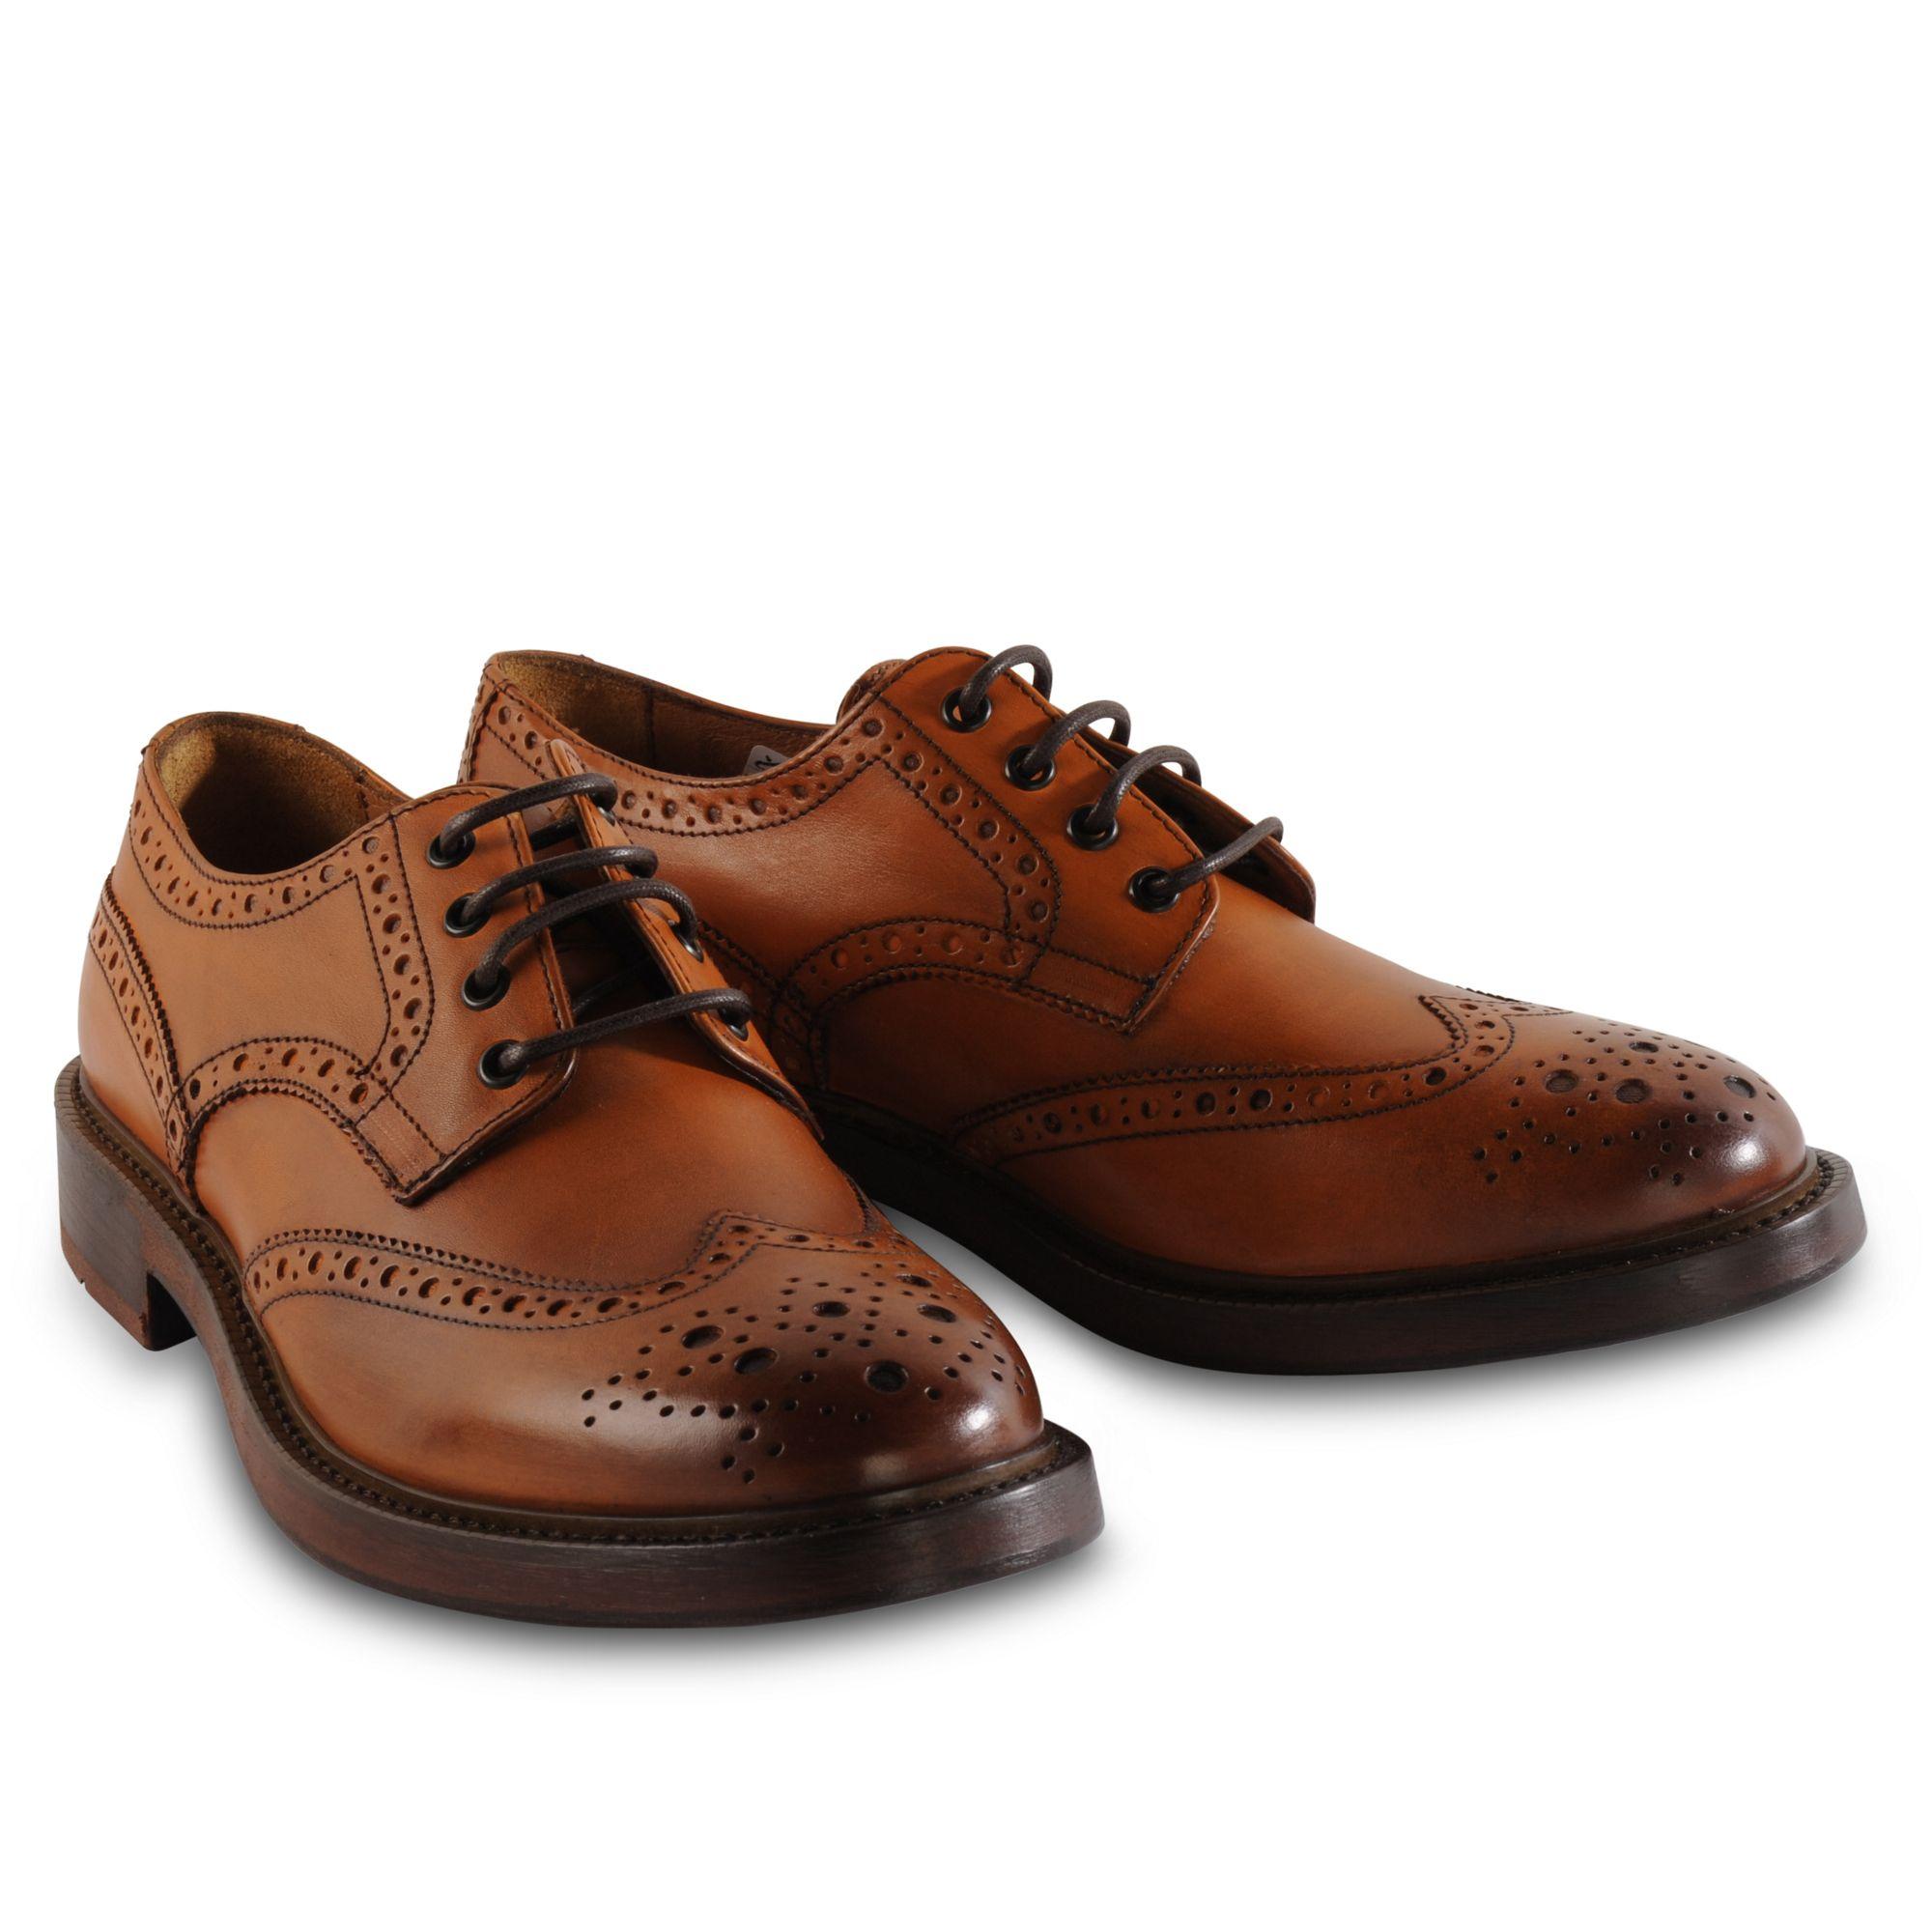 Henri Lloyd Mens Dress Shoes